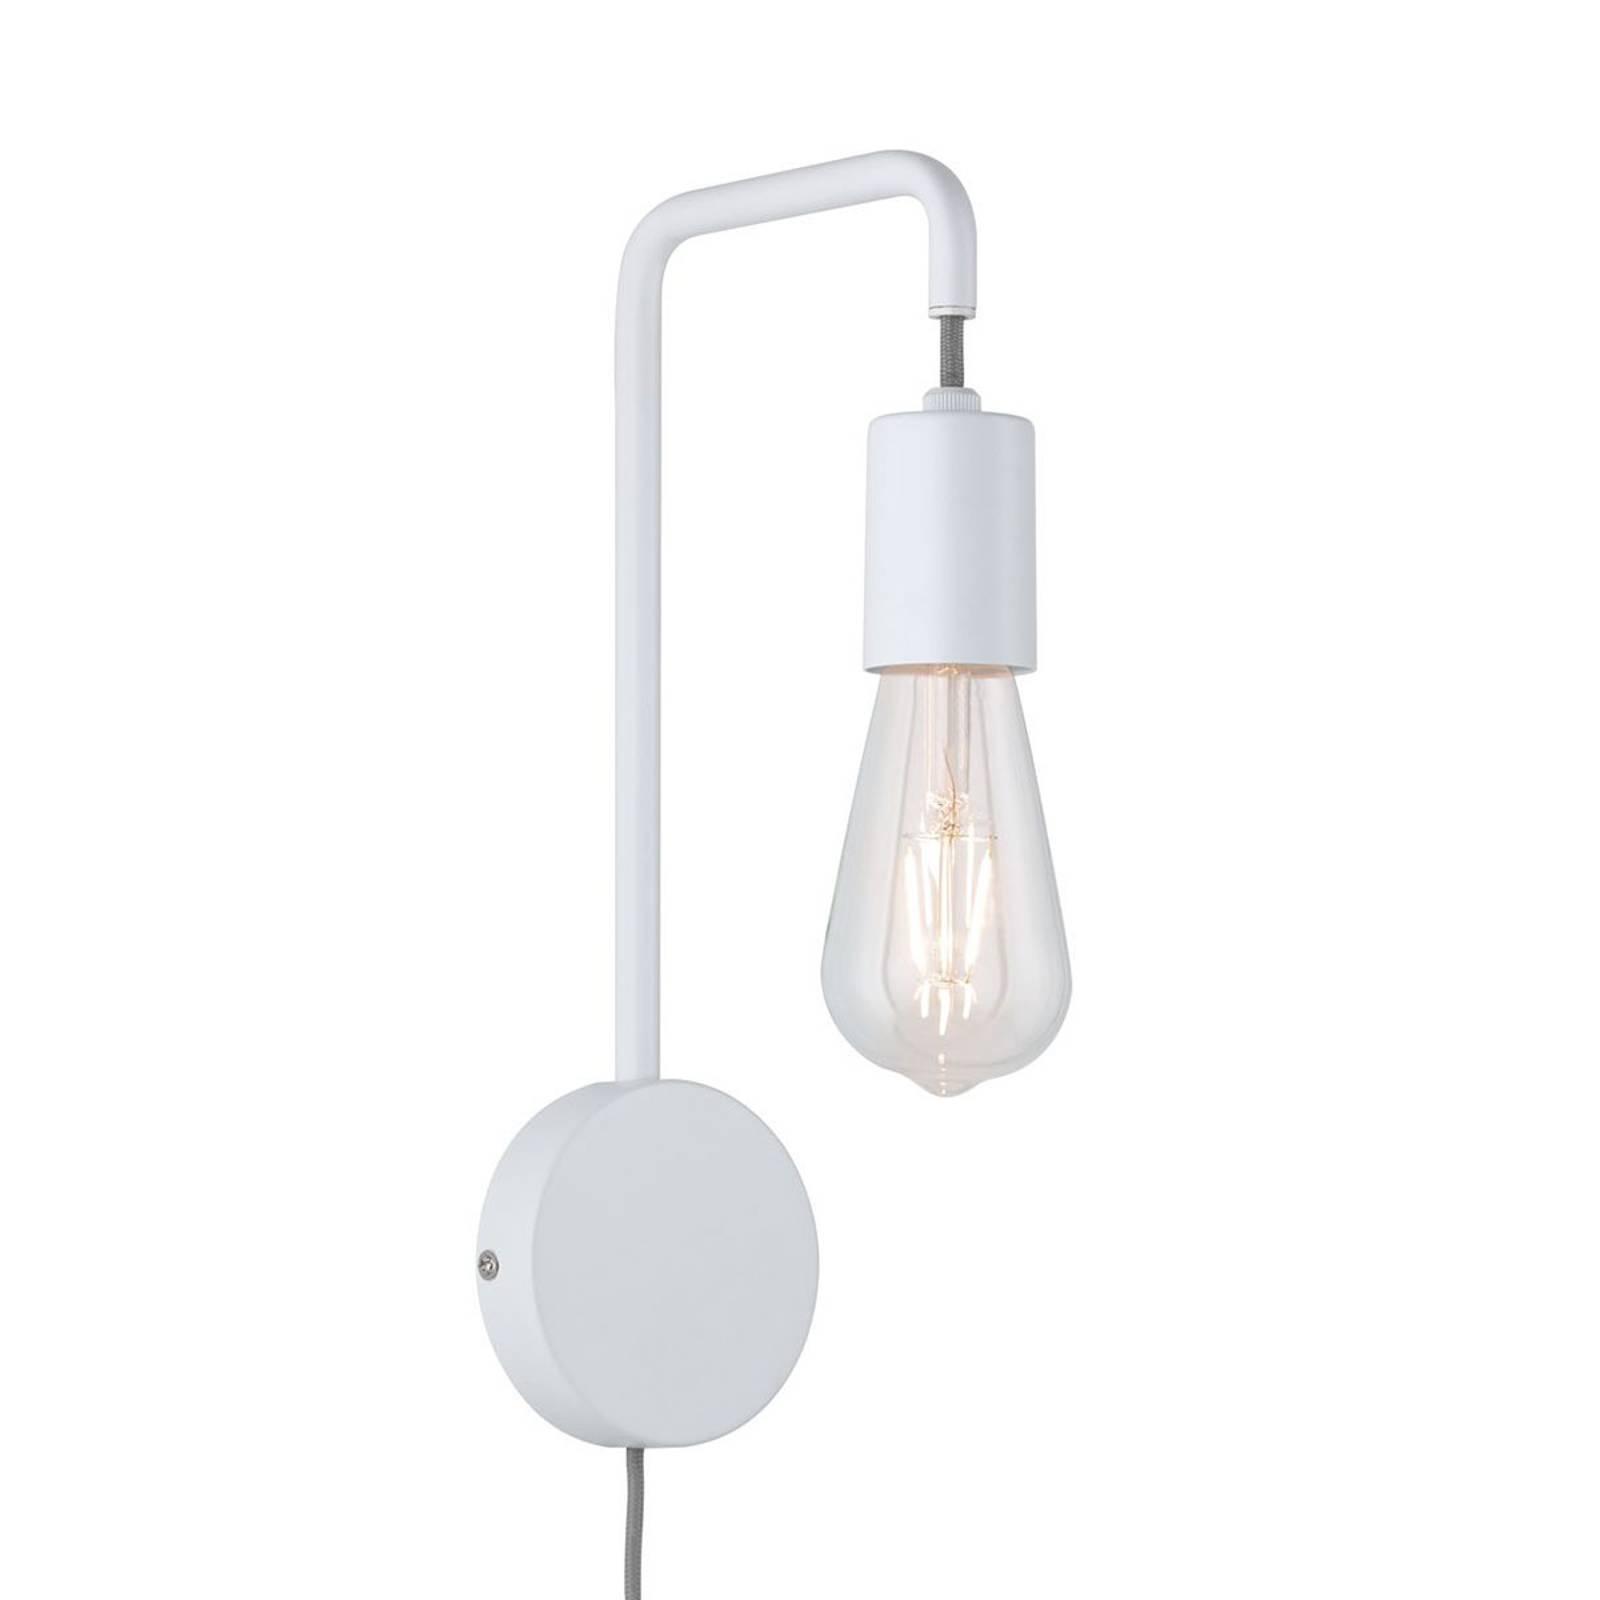 Paulmann Calvani wandlamp met kabel u. schakelaar